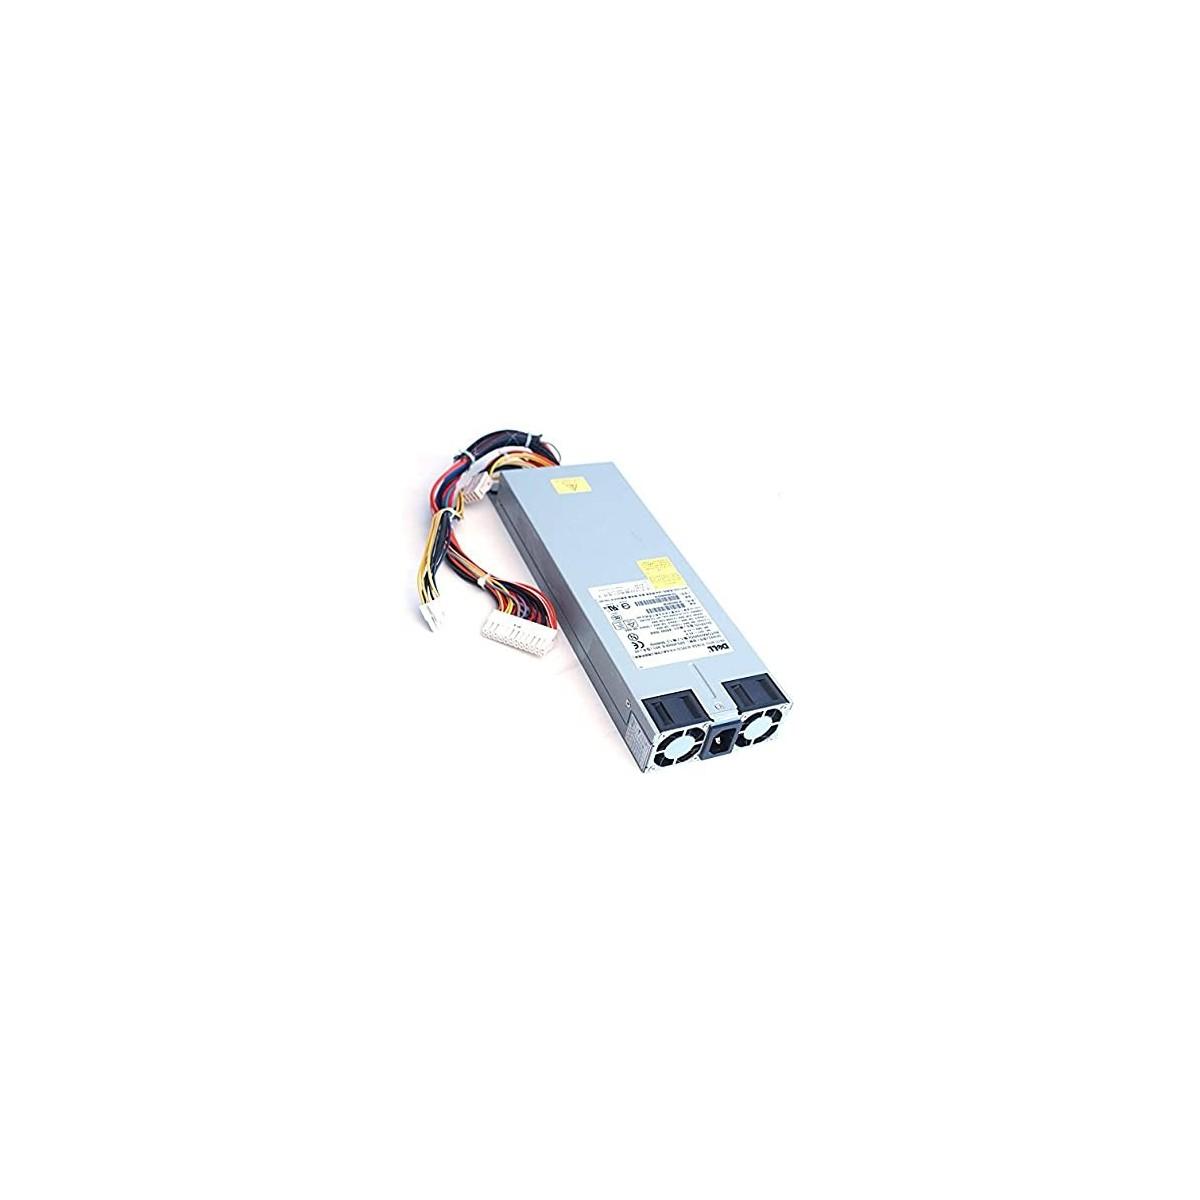 IBM ServeRAID M5015 512MB 46M0851